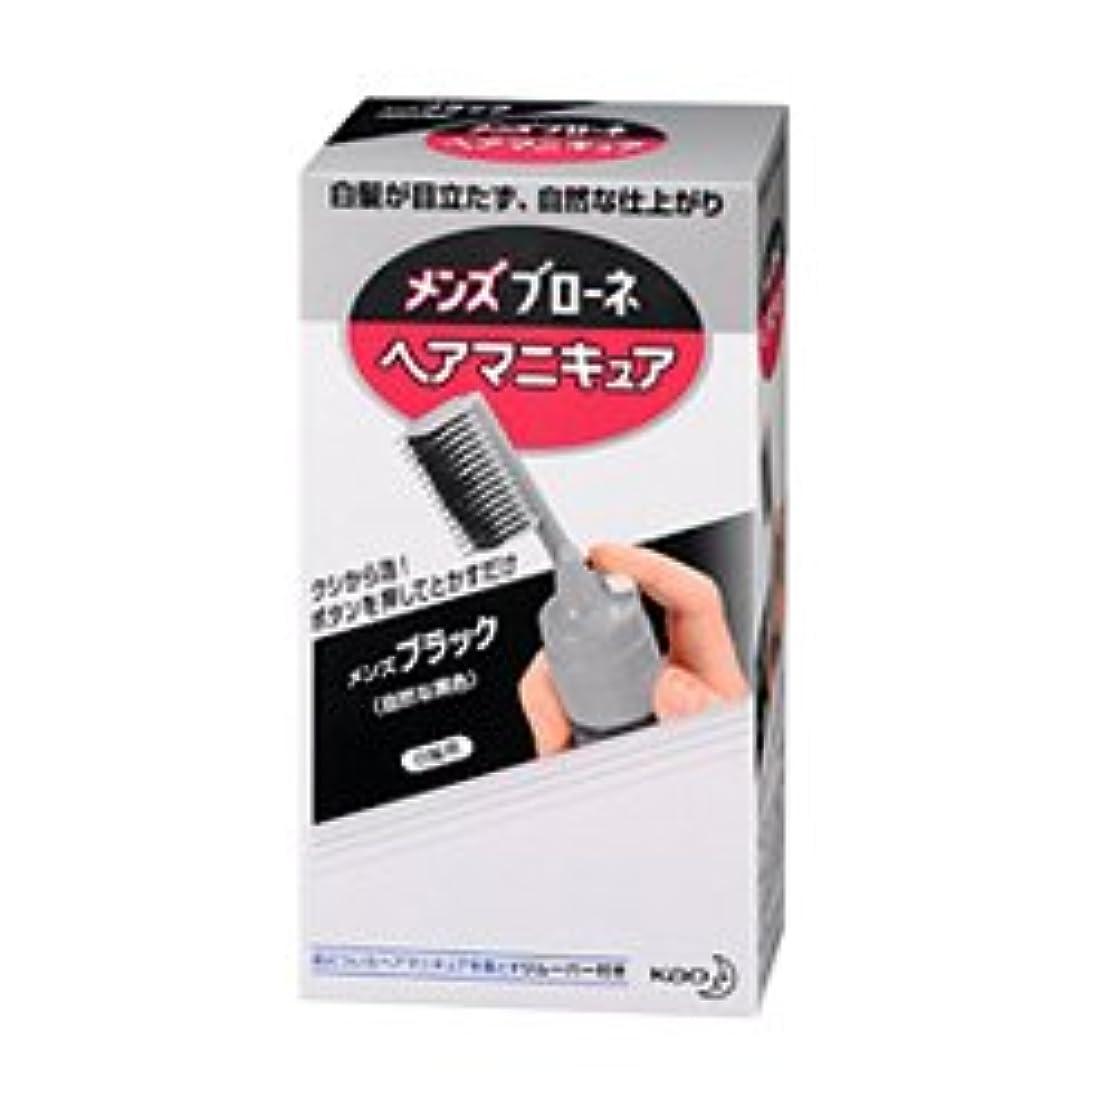 【花王】メンズブローネ ヘアマニキュア白髪用 メンズブラック ×10個セット